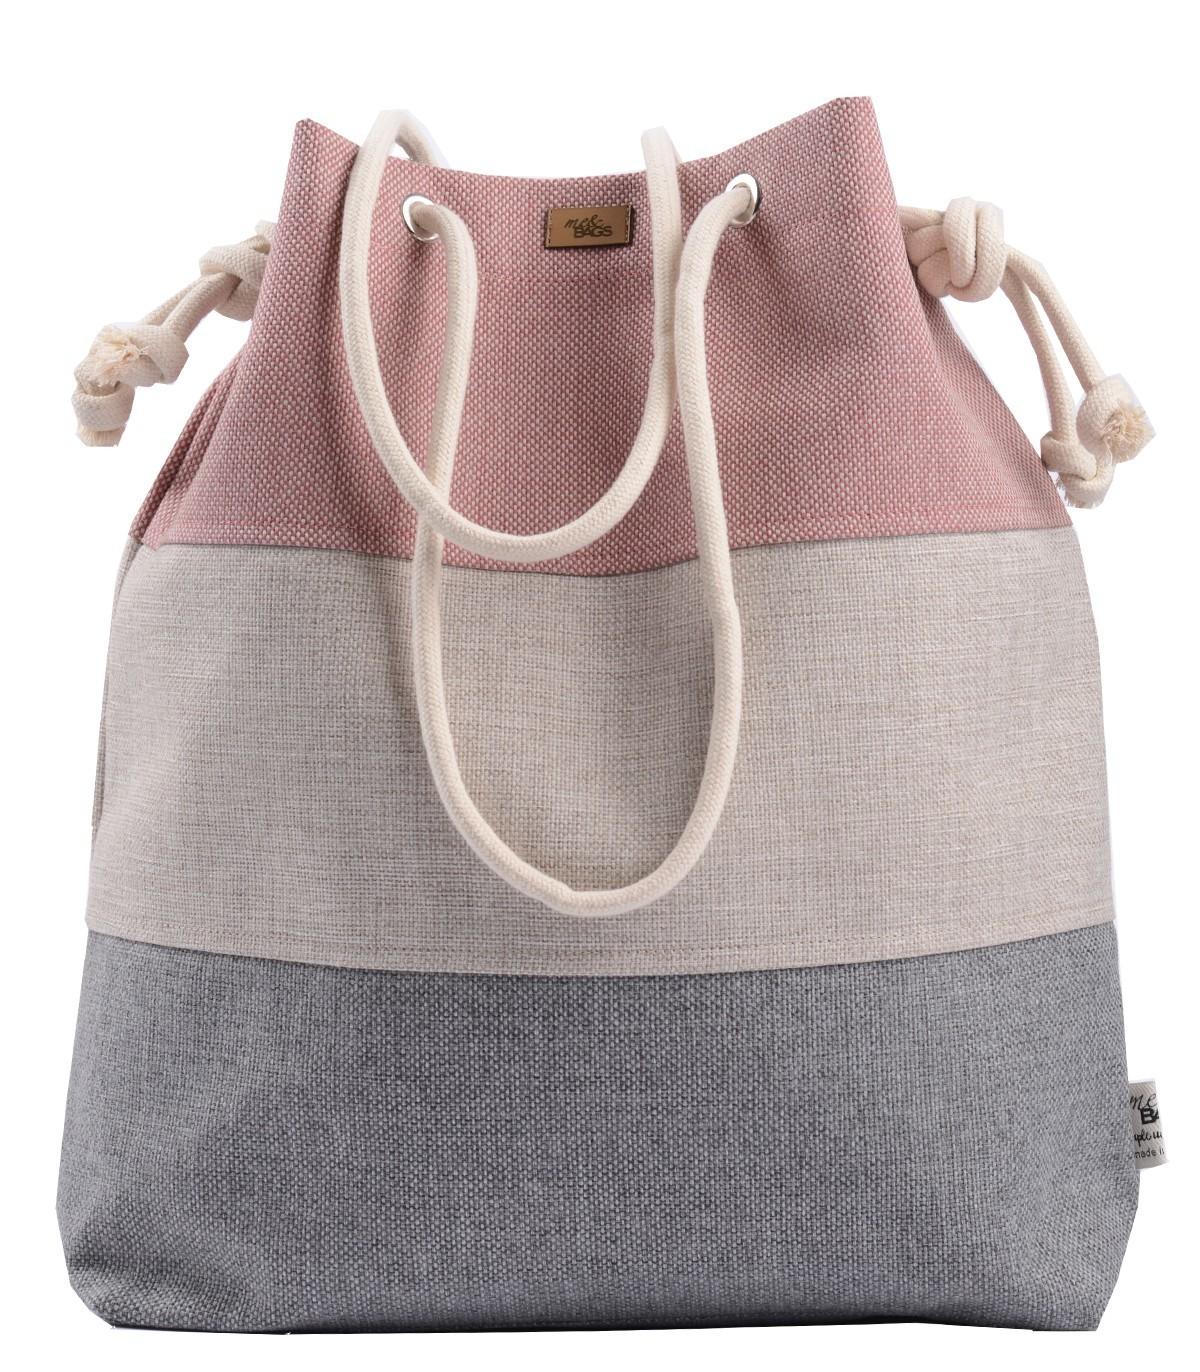 25ad85c961c06 Tkaninowa torebka basic me 15 trzy kolory róż-krem-szary